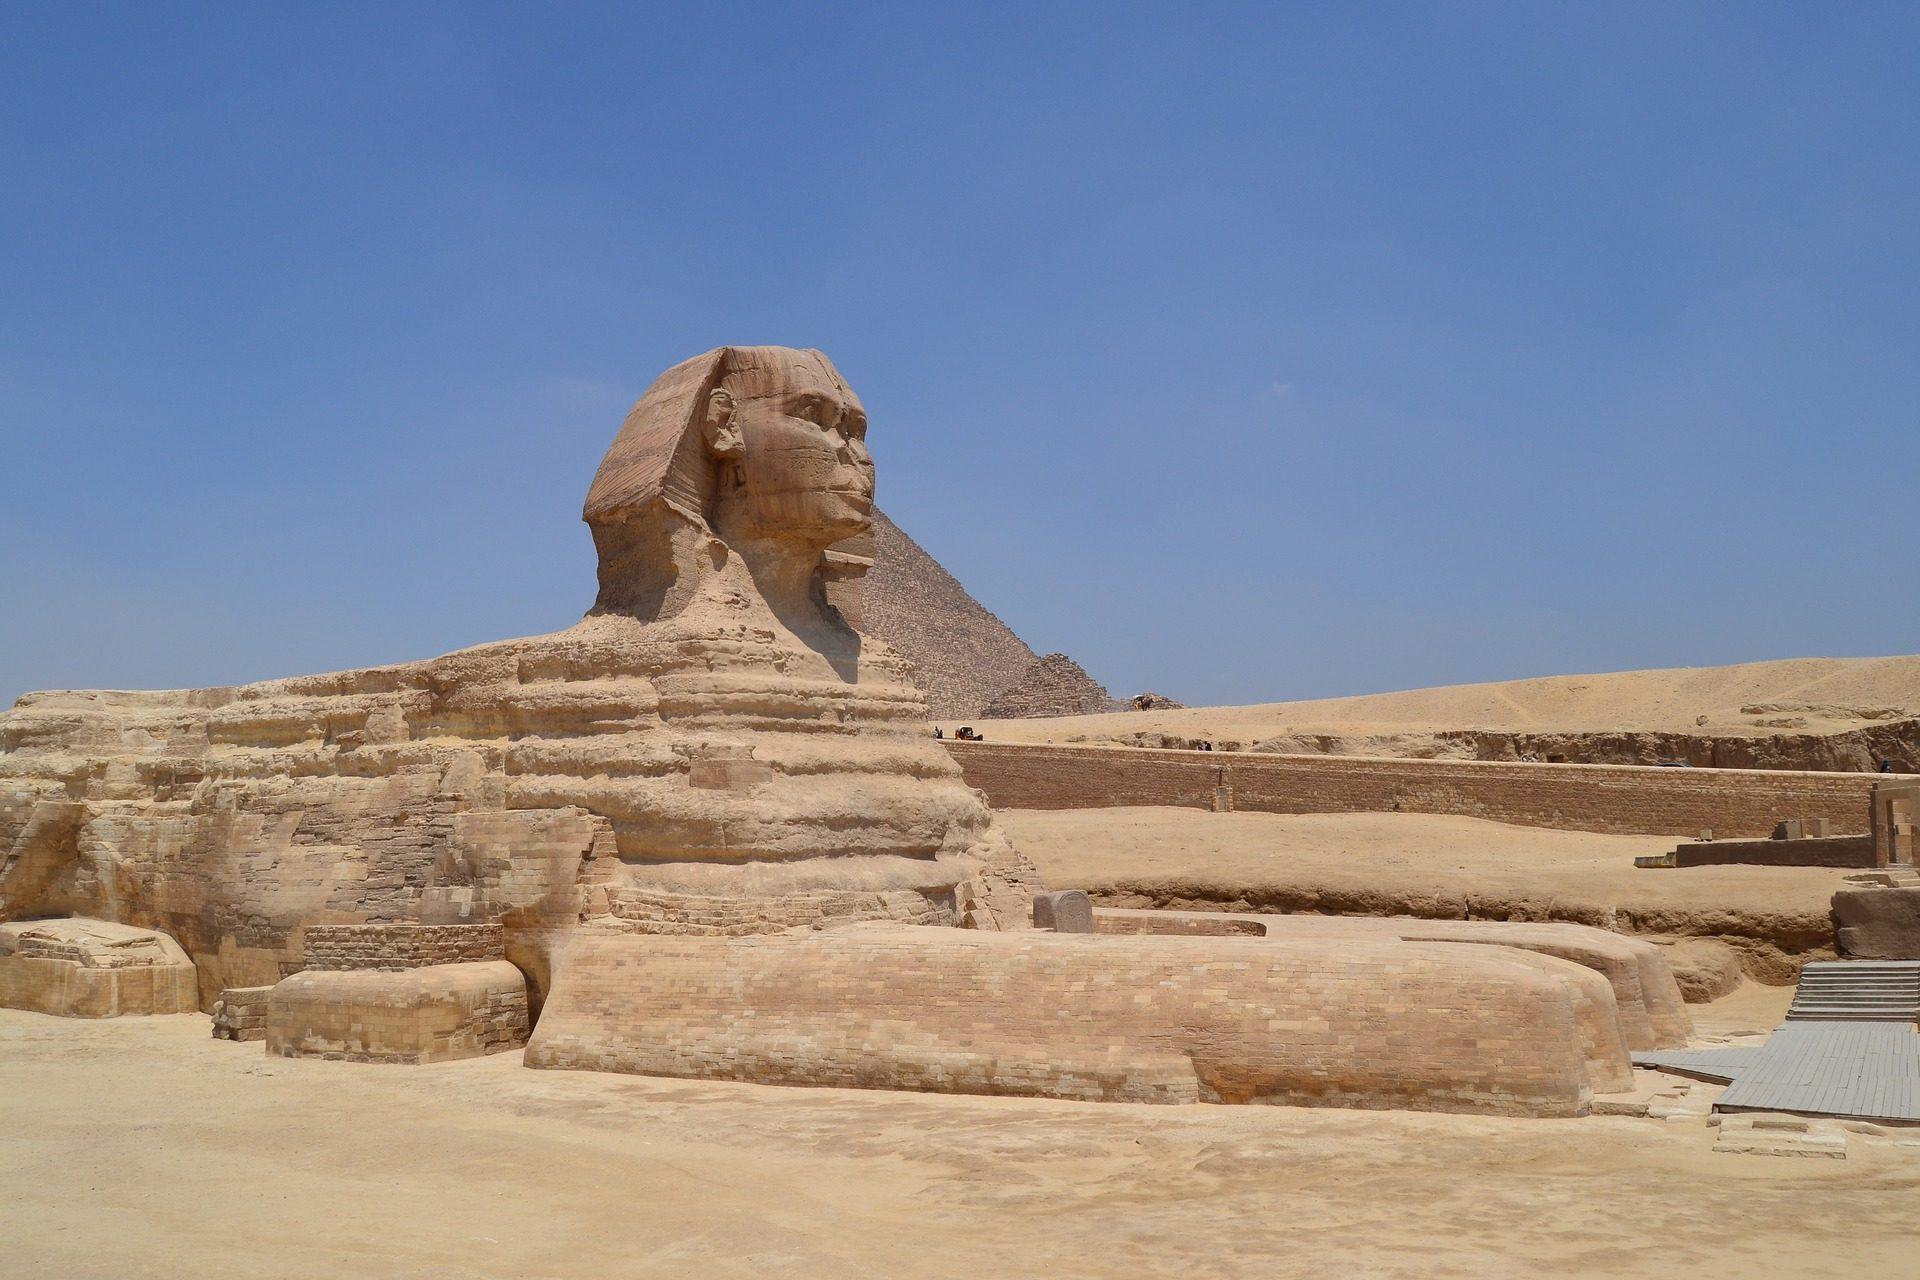 स्फिंक्स, प्रतिमा, स्मारक, वास्तुकला, रेगिस्तान, काहिरा, मिस्र - HD वॉलपेपर - प्रोफेसर-falken.com